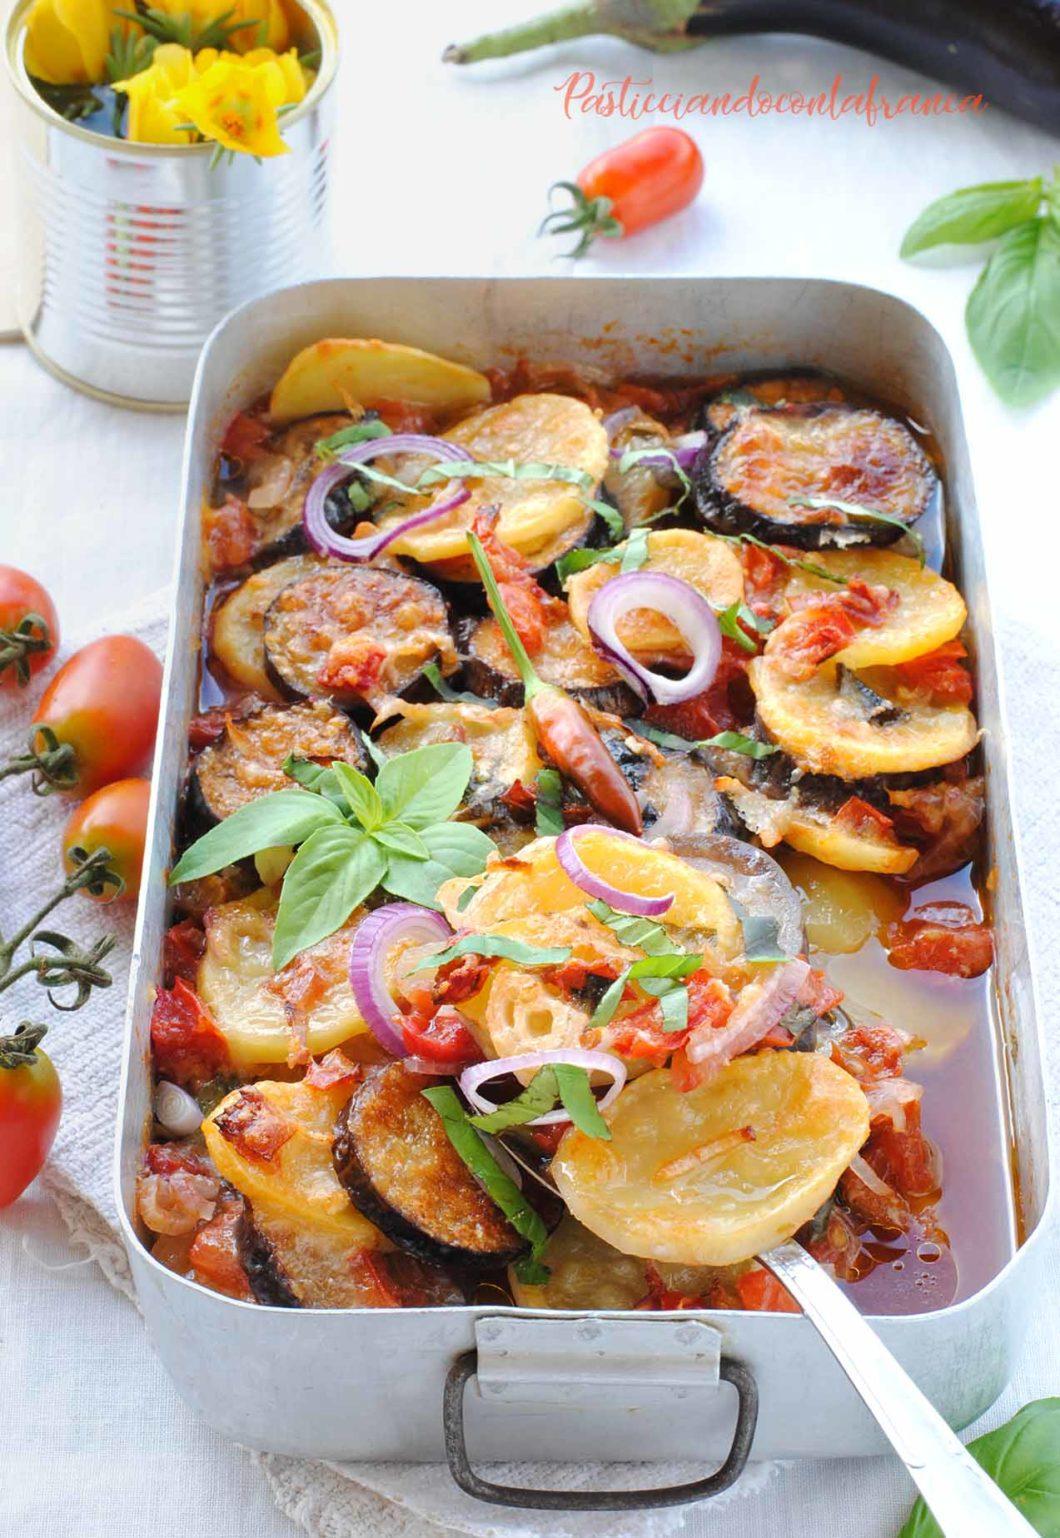 Ricette Verdure Vegane.Ratatuille Di Verdure La Ratatuja Pasticciandoconlafranca Ricette Vegane